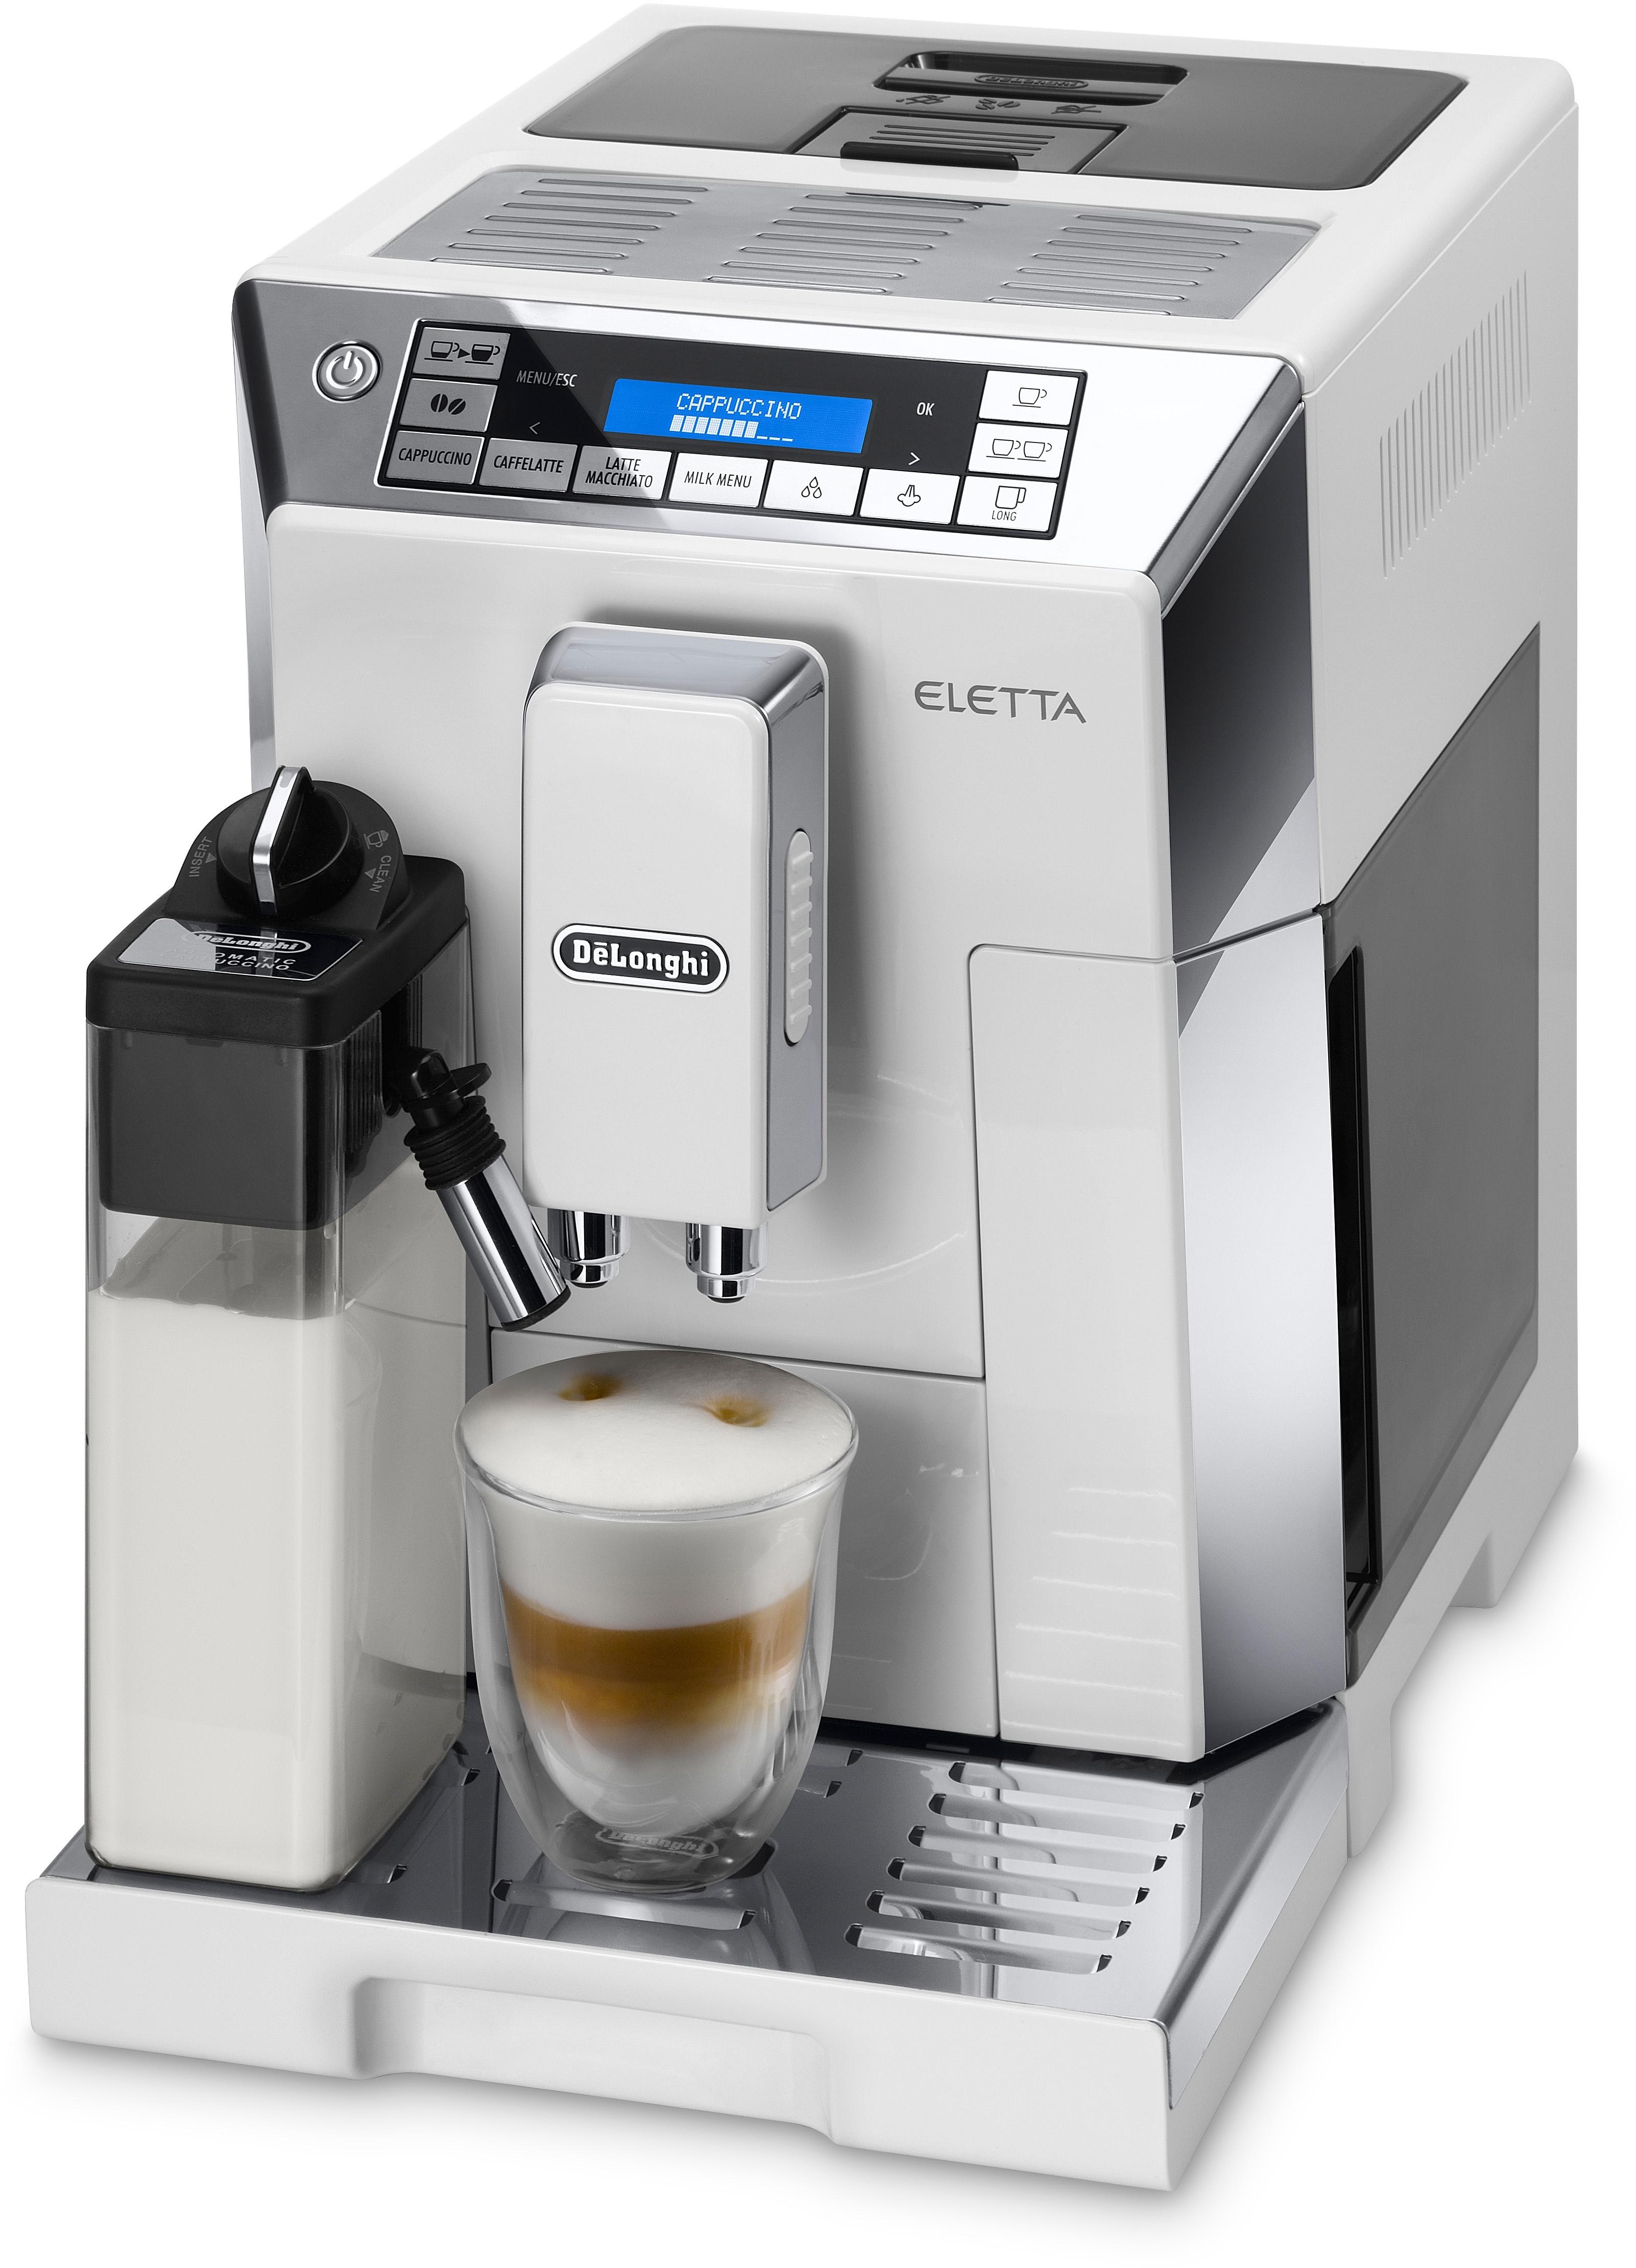 De'Longhi Delonghi volautomatisch koffiezetapparaat ECAM 45.766 W, hoogglans-wit / glanzend edelstaal in de webshop van OTTO kopen